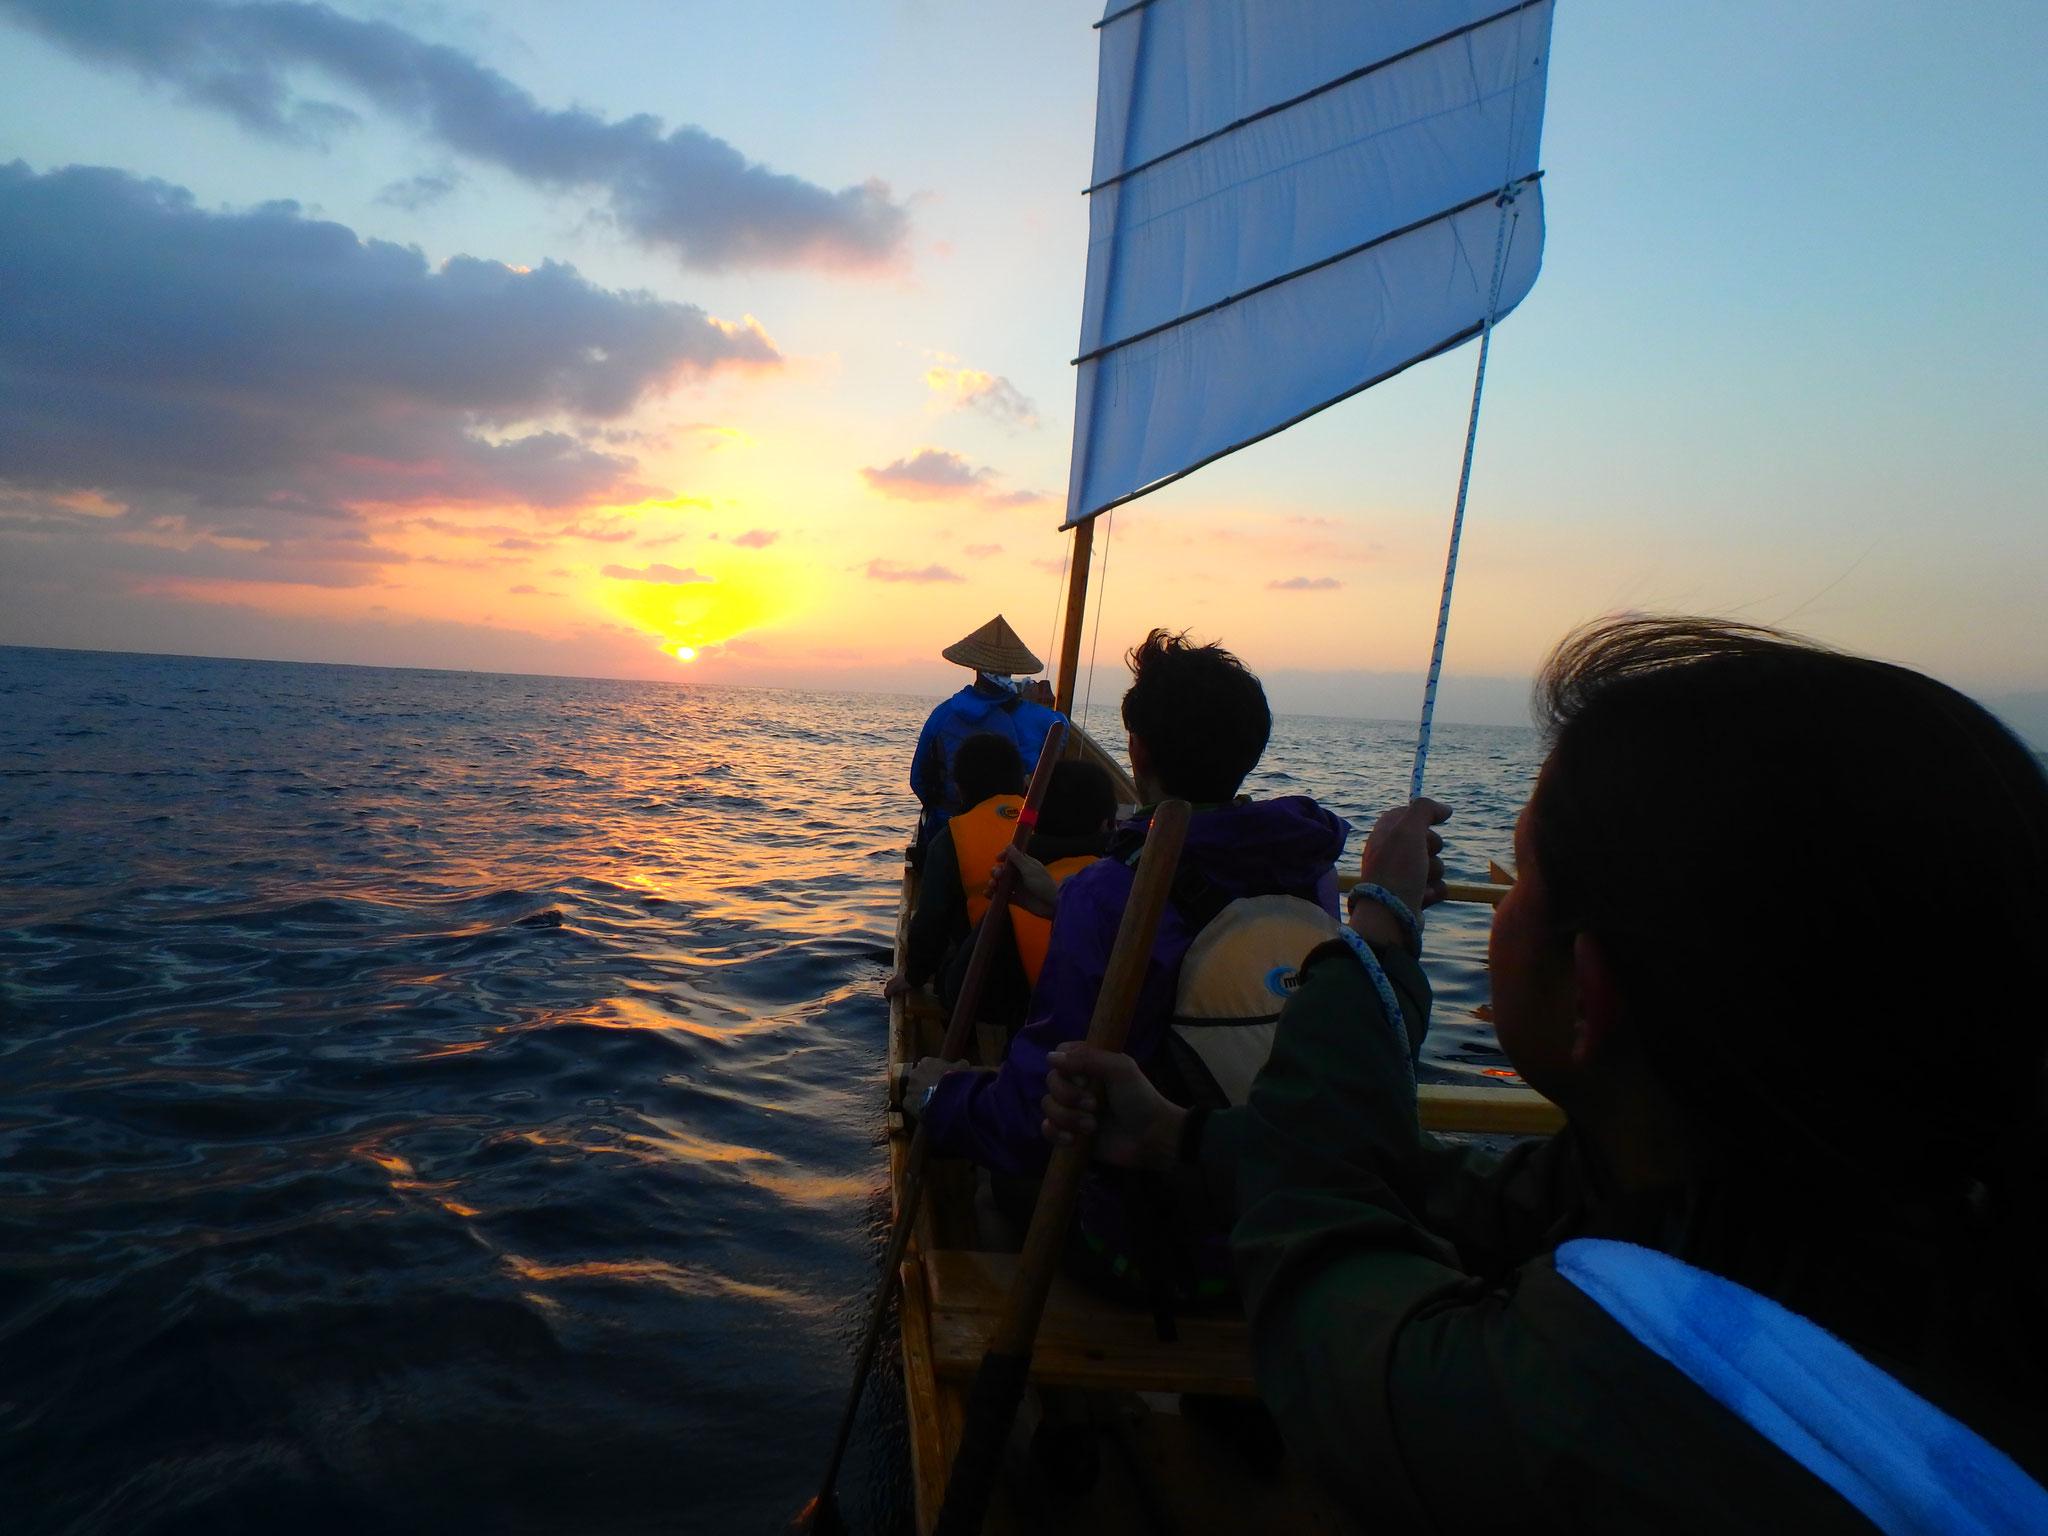 海から上がる初日の出スポットがここ東村。